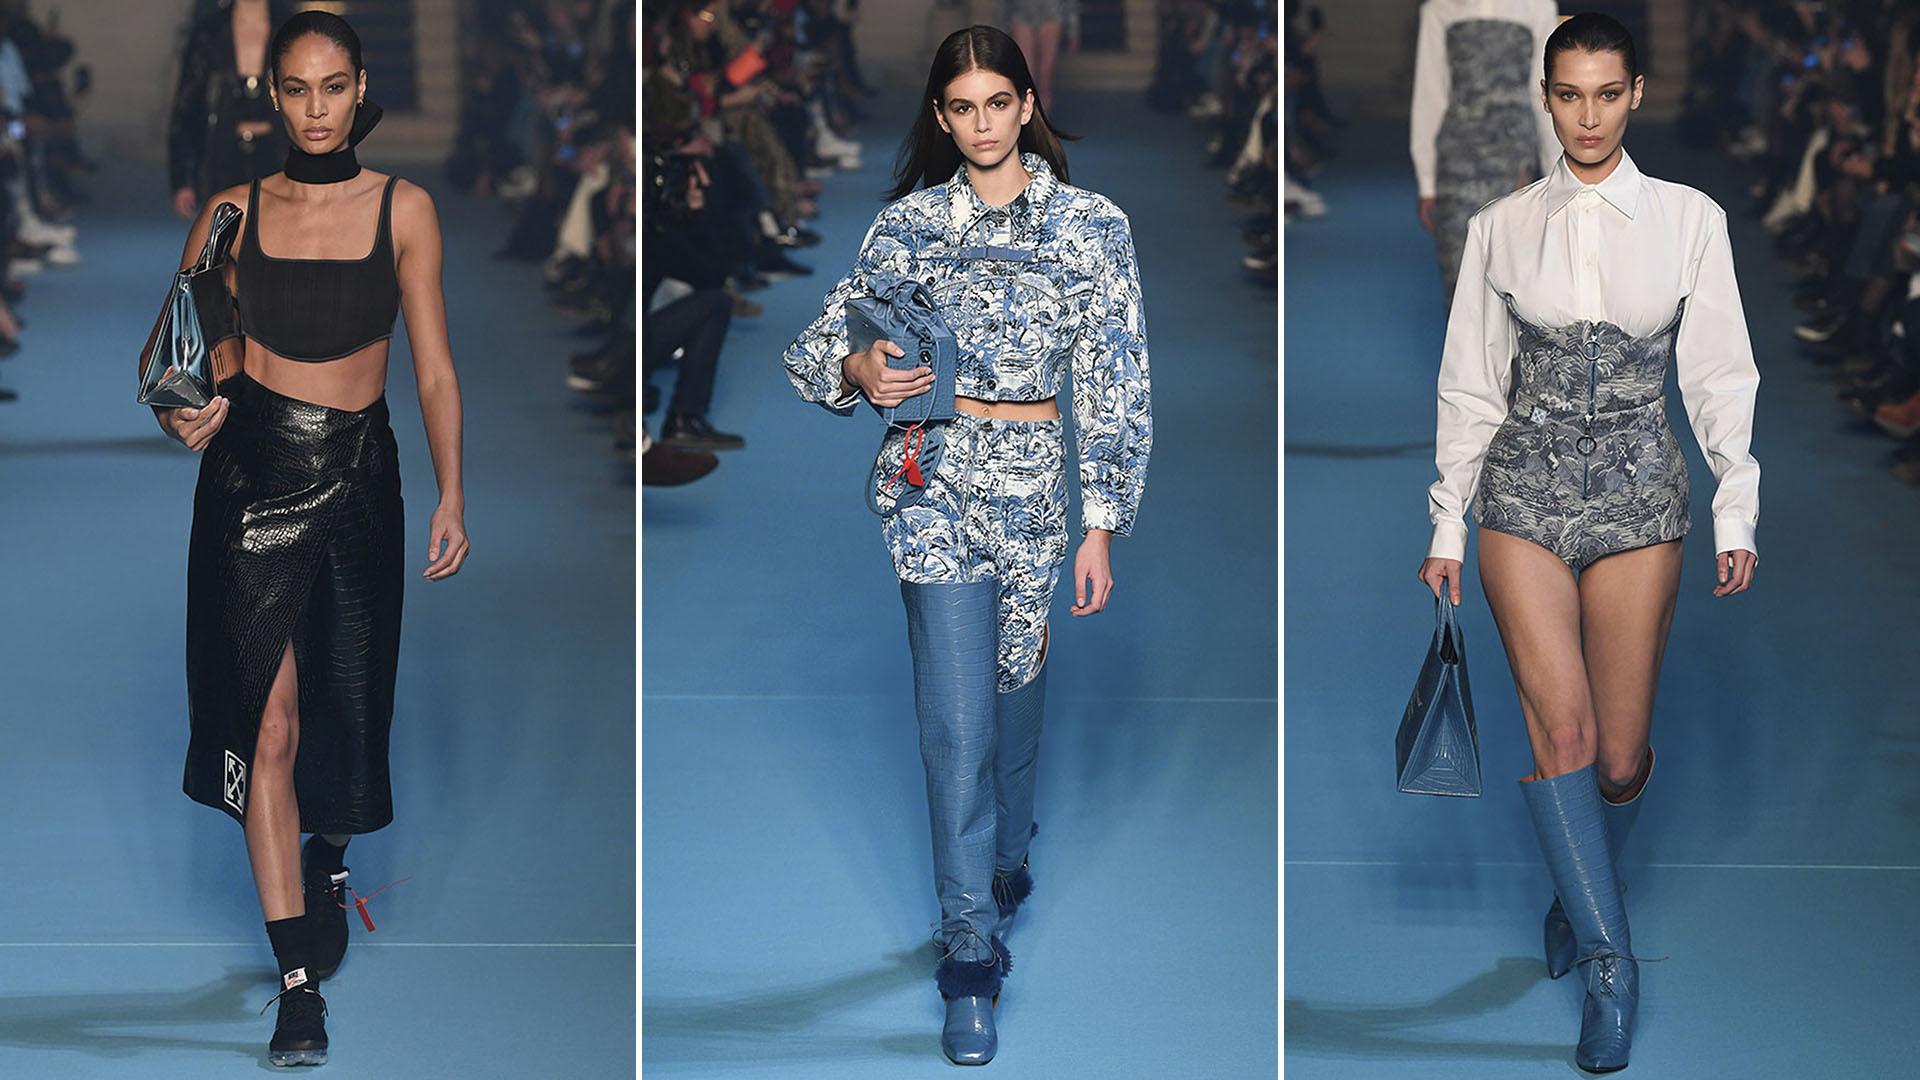 Joan Smalls, Kaia Gerber y Bella Hadid, las estrellas del desfile de Off-White en París Fashion Week 2018